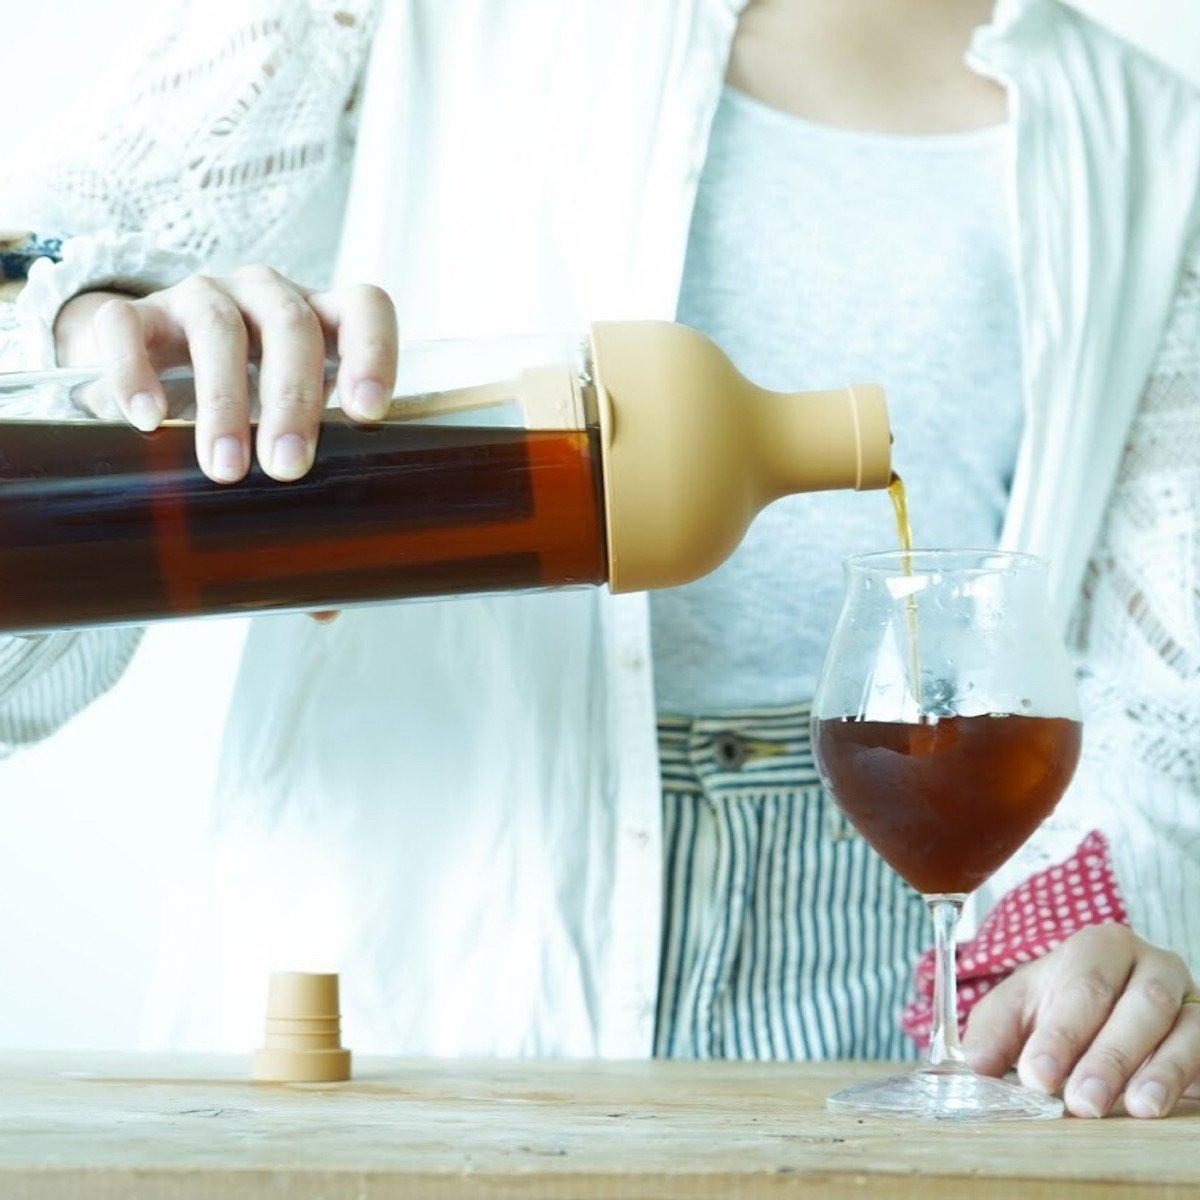 時間が作る「水出しコーヒー」。    コーヒー粉と水だけで水出しのアイスコーヒーが作れるボトルです。 本体についているストレーナーにコーヒー粉を入れ、少しずつゆっくりと水を注ぐだけ。 注ぎ終えたら、ボトルを左右に振って粉と水を馴染ませます。 あとは冷蔵庫で8時間。 夜に作れば、朝には美味しい水出しコーヒーが出来上がります。    このフィルターインコーヒーボトルはしっかりと密閉されるので、冷蔵庫で保存しておく際のにおいは気になりません。 そして何より、とってもおしゃれ。 冷蔵庫に1つ入れておくだけで、ちょっとだけ気分が上がります。 アイスコーヒーを作らない時にはお茶を作っても良いかも。  【スタッフの一言】 これ、可愛いしとっても便利なんです。 夜に作っておくだけで、朝には冷えた水出しコーヒーが飲める幸せ。 暑くて元気が出ない朝にぴったりです。 ごくごくっと美味しいアイスコーヒーを飲んで、暑い夏を乗り越えていきましょう。 個人的には深煎りで作るのが好きです!   MAMEBACO店長 〜おすすめアイスコーヒーレシピ〜  水ではなくお湯をかけてホットコーヒーを作り 冷ましてアイスコーヒーにするのもオススメです。 その場合は、700mlのお湯に40gの粉を入れたストレーナーを4分間浸けます。 4分後ボトルを左右にふって抽出を促します。(熱いのでタオルなどをお使い下さい)  最後にストレーナーを外して、粗熱を取り、冷蔵庫で冷やしたら完成です。 耐熱ボトルだからできるアイスコーヒーレシピです。  【商品について】 商品名       :フィルターインコーヒーボトル カラー        :モカ   サイズ(mm)    : 幅 87 × 奥行 84 × 高 300   出来上がり容量     :650ml 材質 本体     :耐熱ガラス  注口 栓      :シリコーンゴム  ストレーナーフレーム :ポリプロピレン メッシュ       :ポリエステル   原産国       :日本   耐熱、食洗機OK